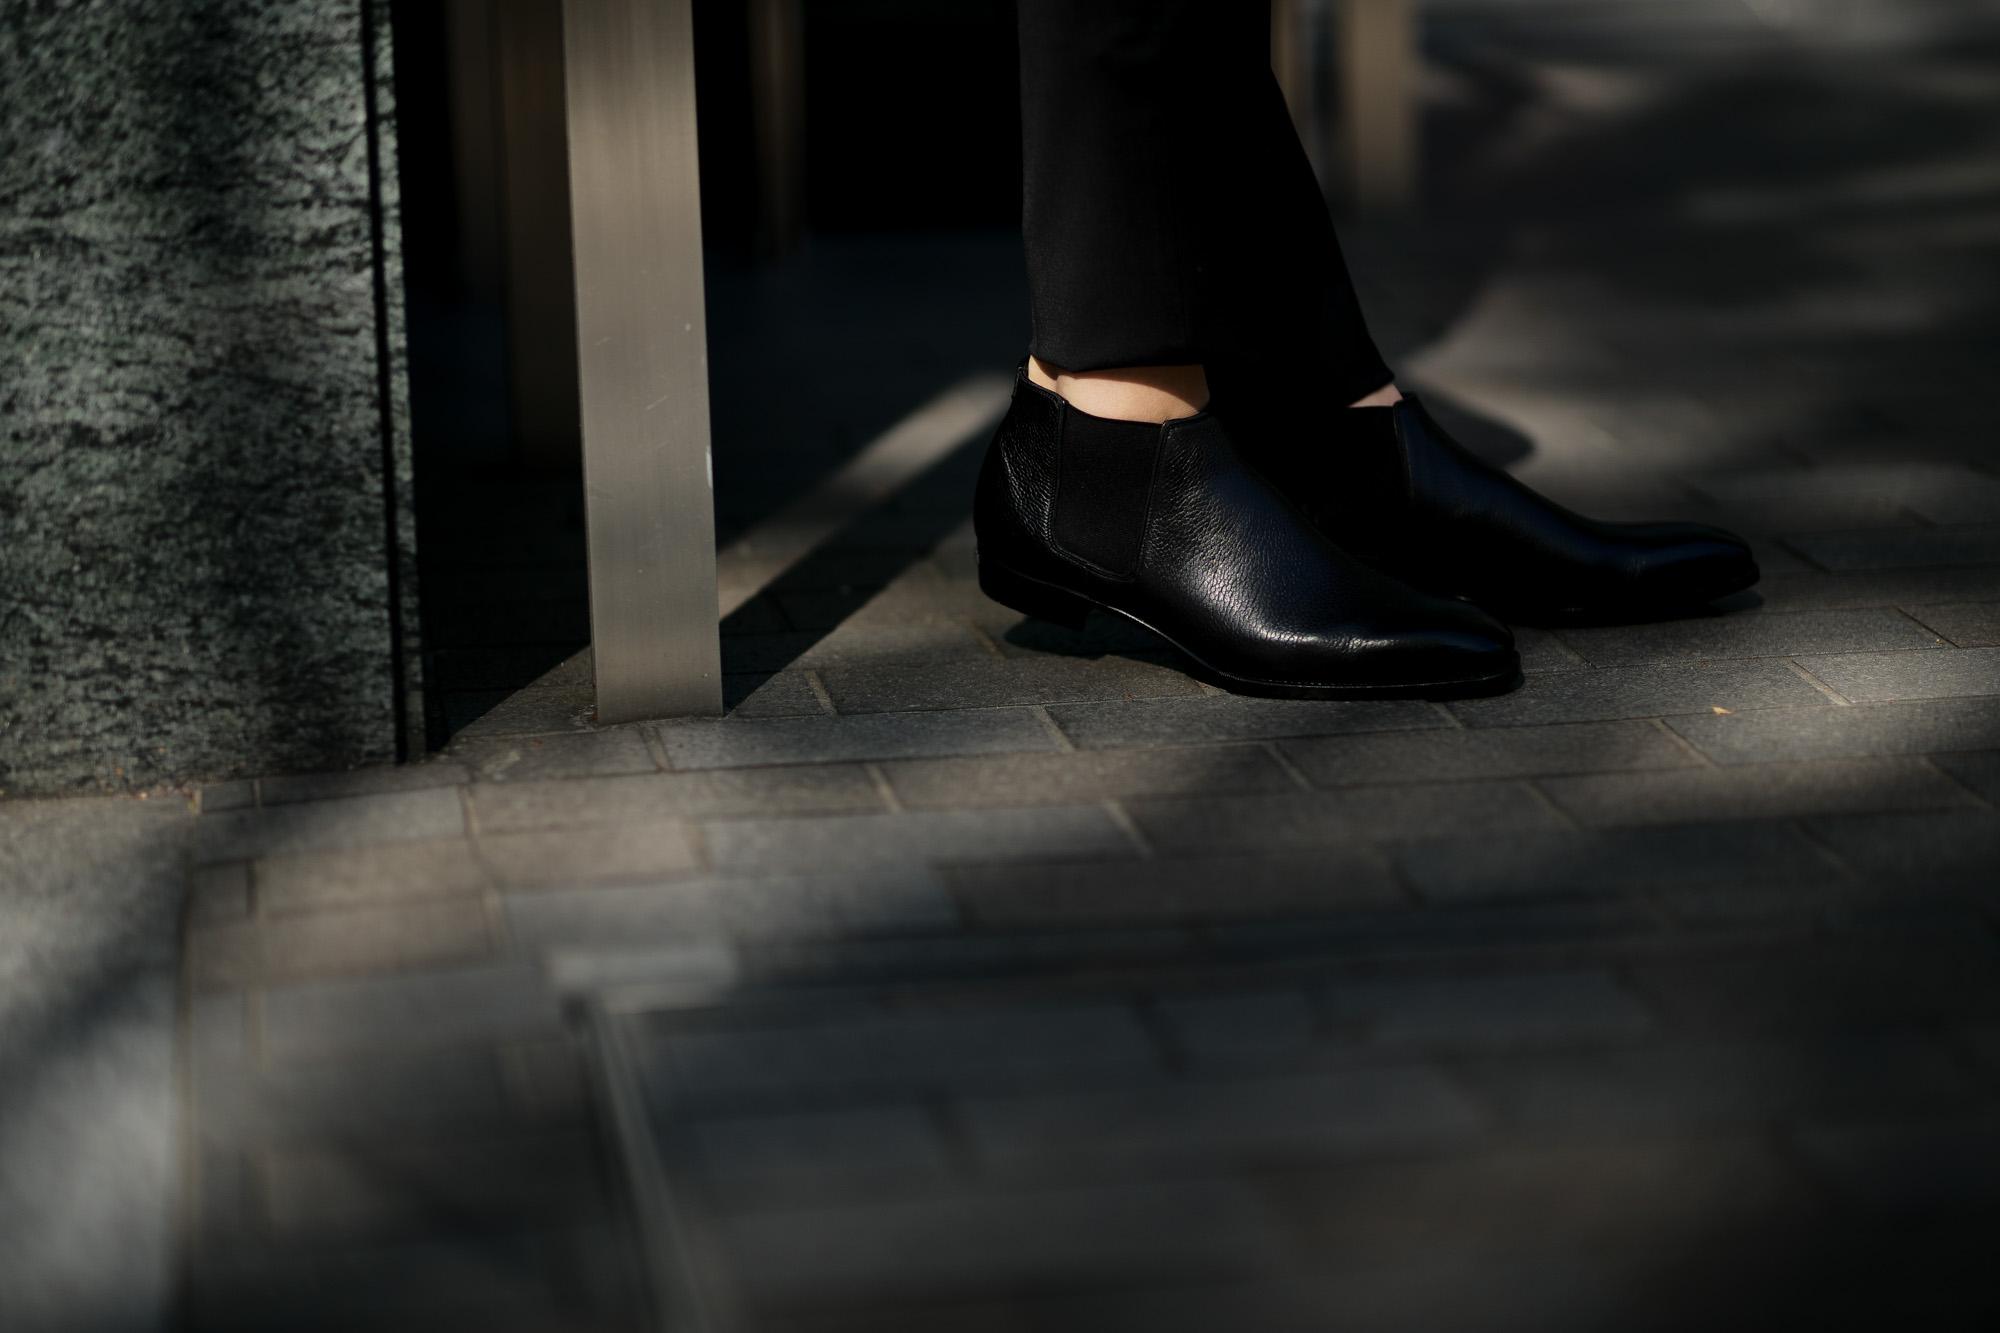 Georges de Patricia(ジョルジュ ド パトリシア) Diablo (ディアブロ) 925 STERLING SILVER (925 スターリングシルバー) Shrunken Calf (シュランケンカーフ) サイドゴアブーツ NOIR (ブラック) 2019 春夏新作 【Special Boots】【第2便ご予約受付中】 アルトエデリット ジョルジュドパトリシア ブーツ 超絶ブーツ ランボルギーニ ディアブロ lamborghini